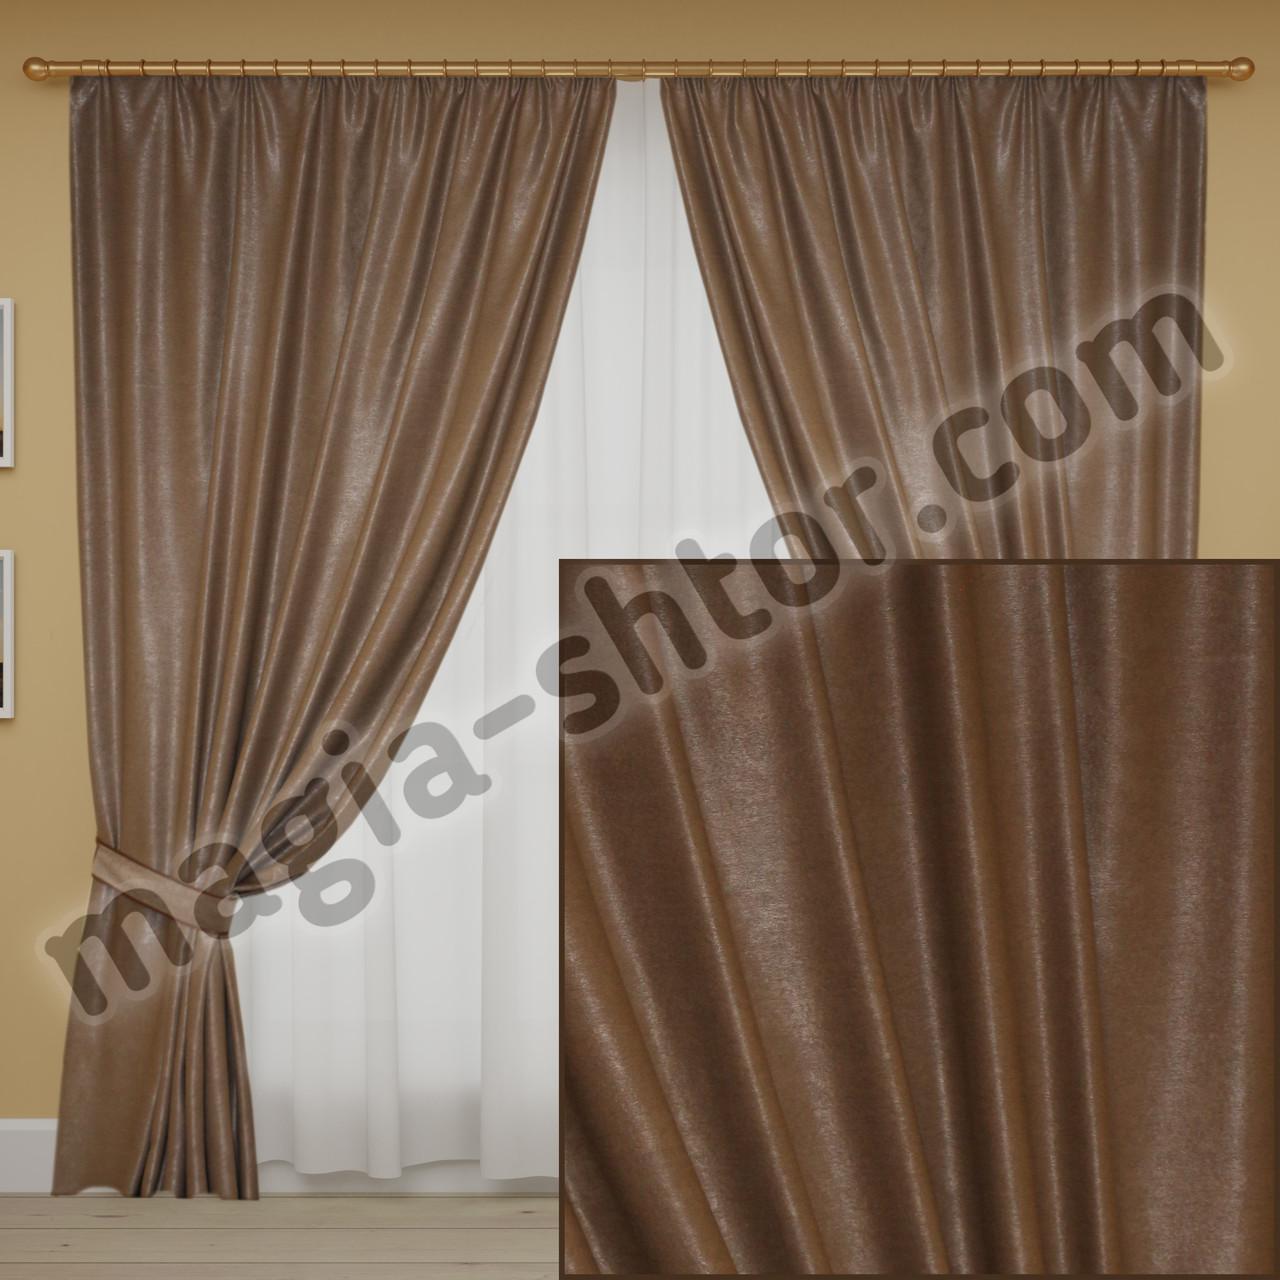 Готовые шторы. Софт. Турция. Цена за пару